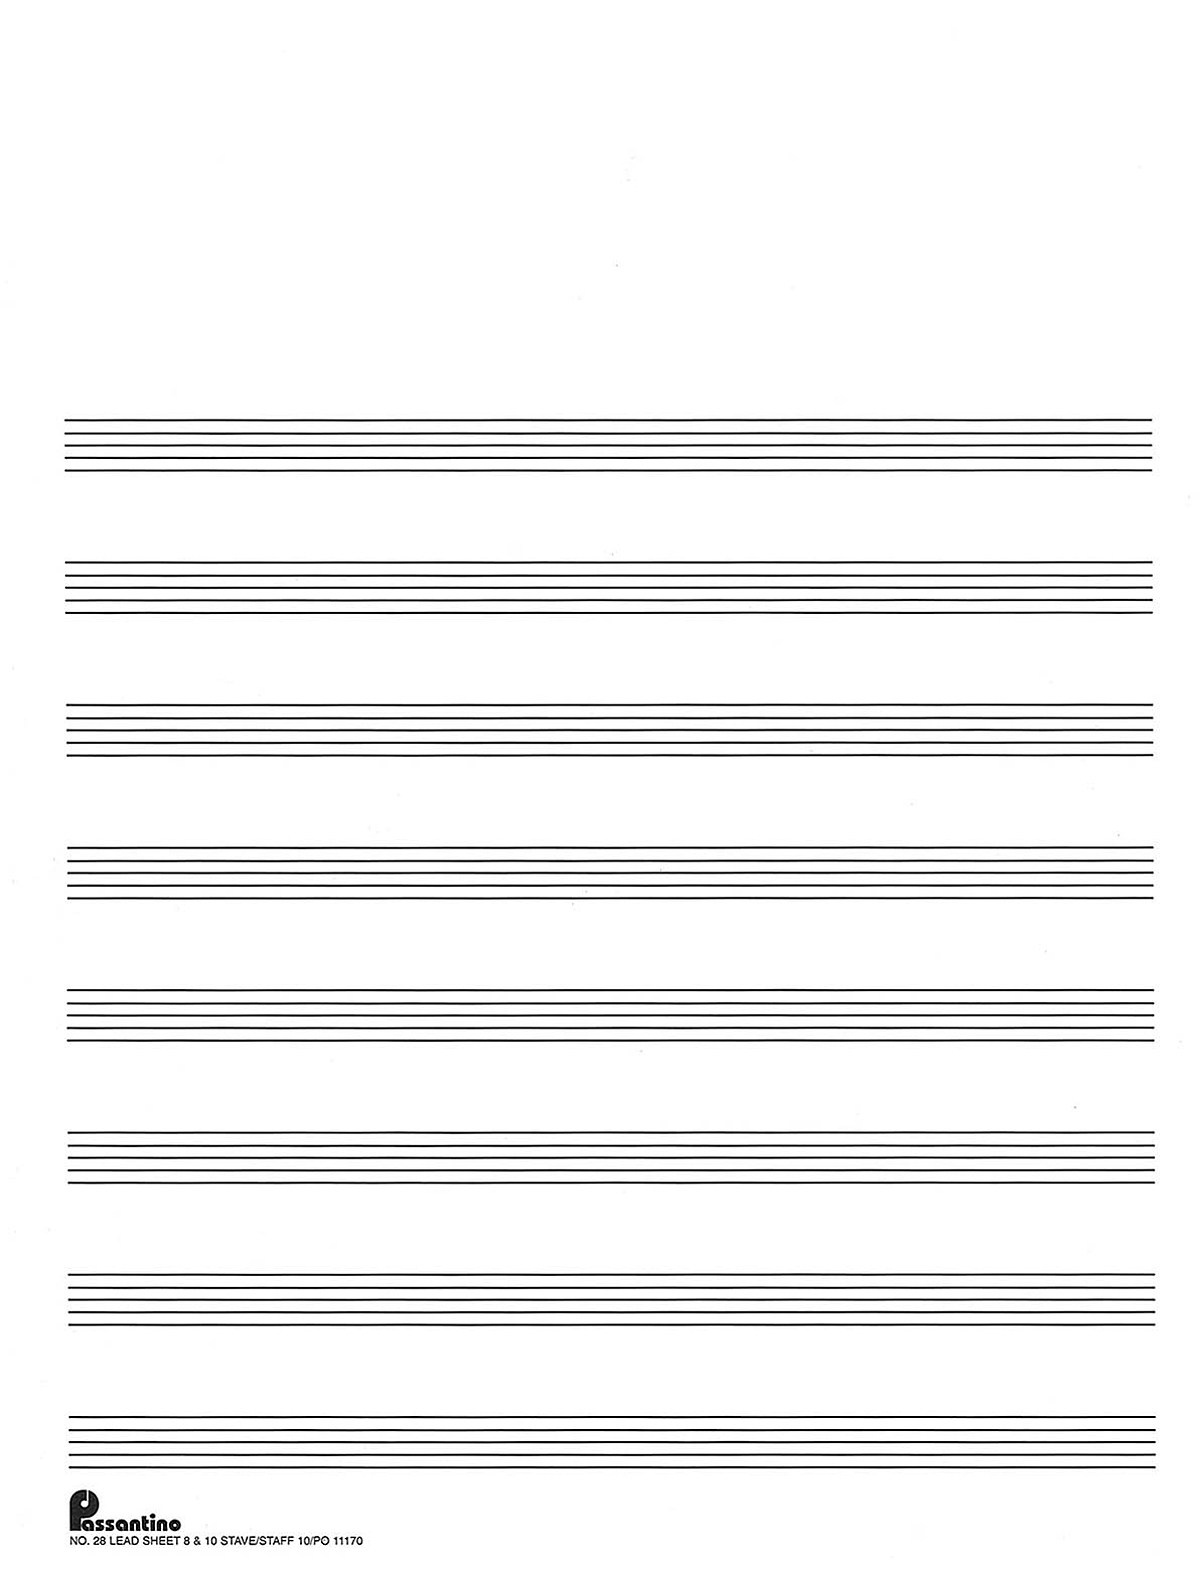 Music Manuscript Template. Printable Staff Bass Clef Music Paper - Free Printable Staff Paper Blank Sheet Music Net